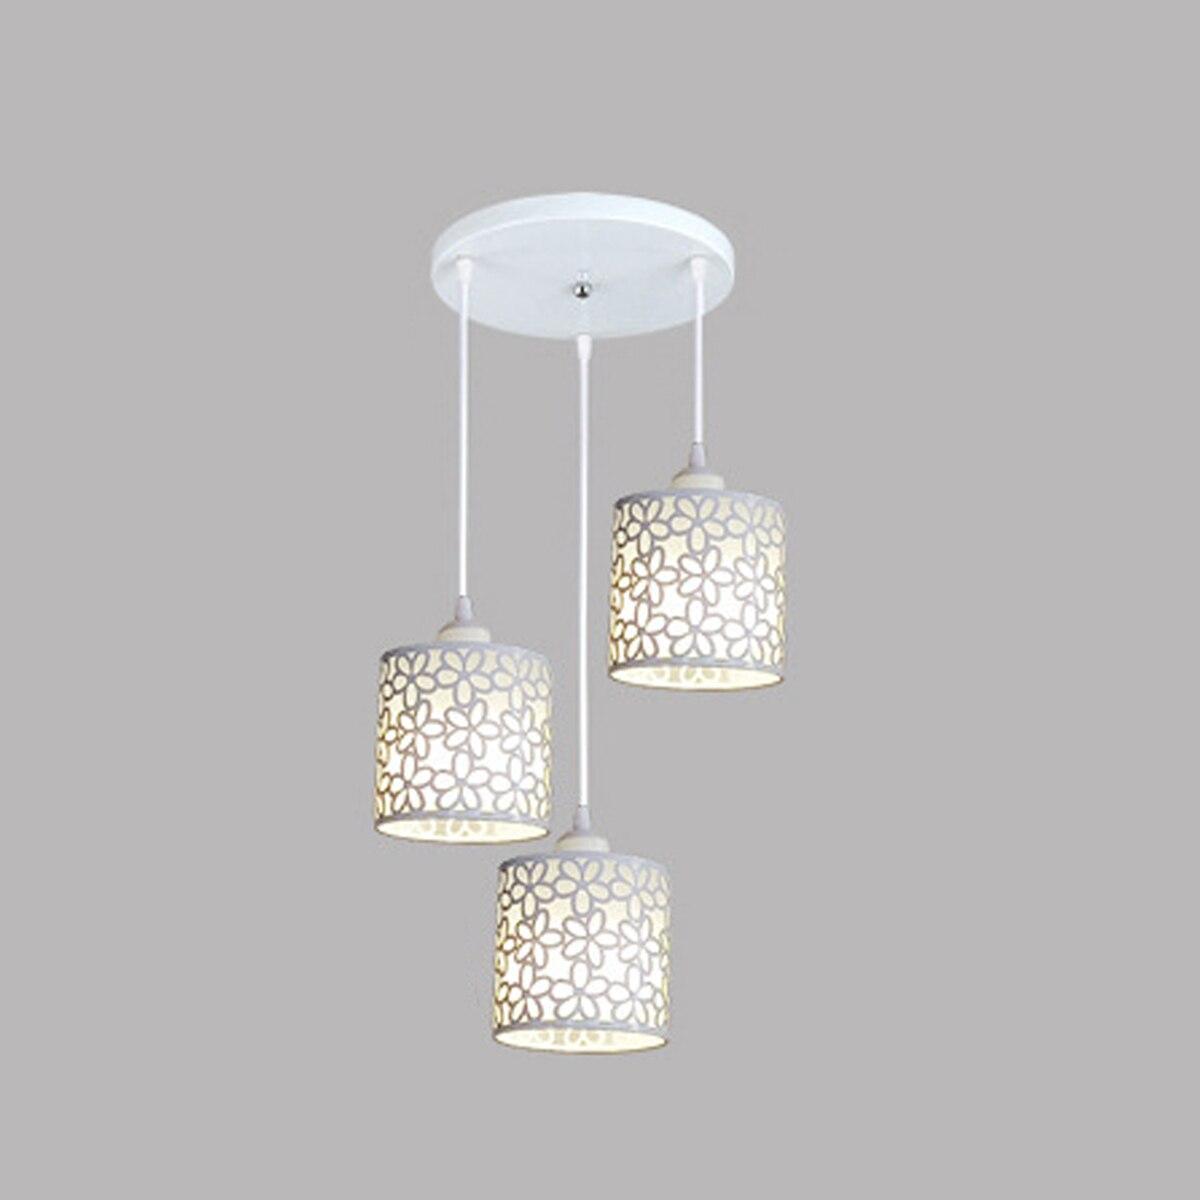 Modern İskandinav LED kolye ışıkları fikstür demir Hollow Out asılı kolye lamba ev dekorasyon yemek odası yatak odası dükkanı Bar